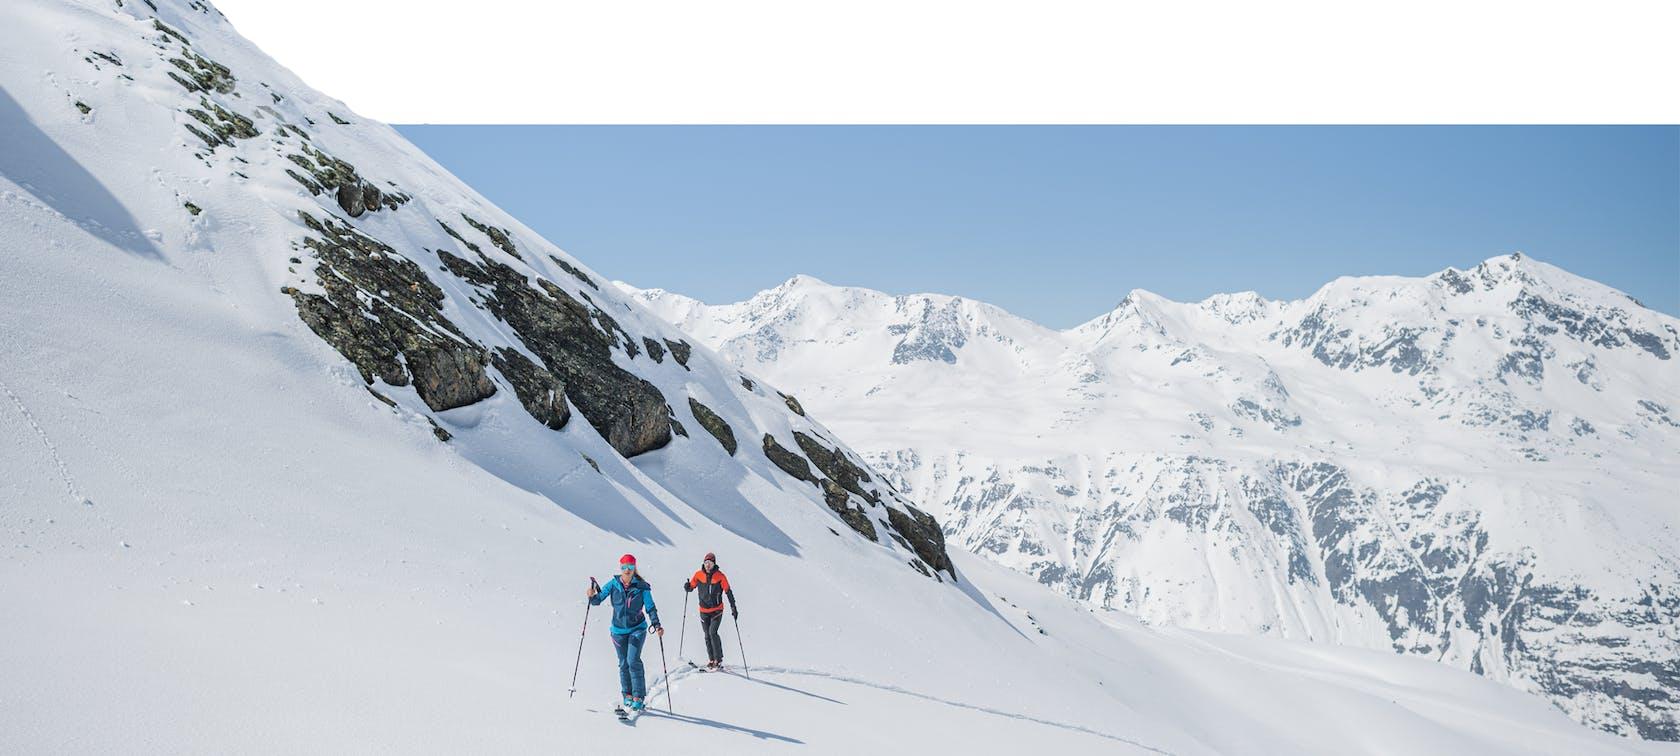 dynafit skitouring